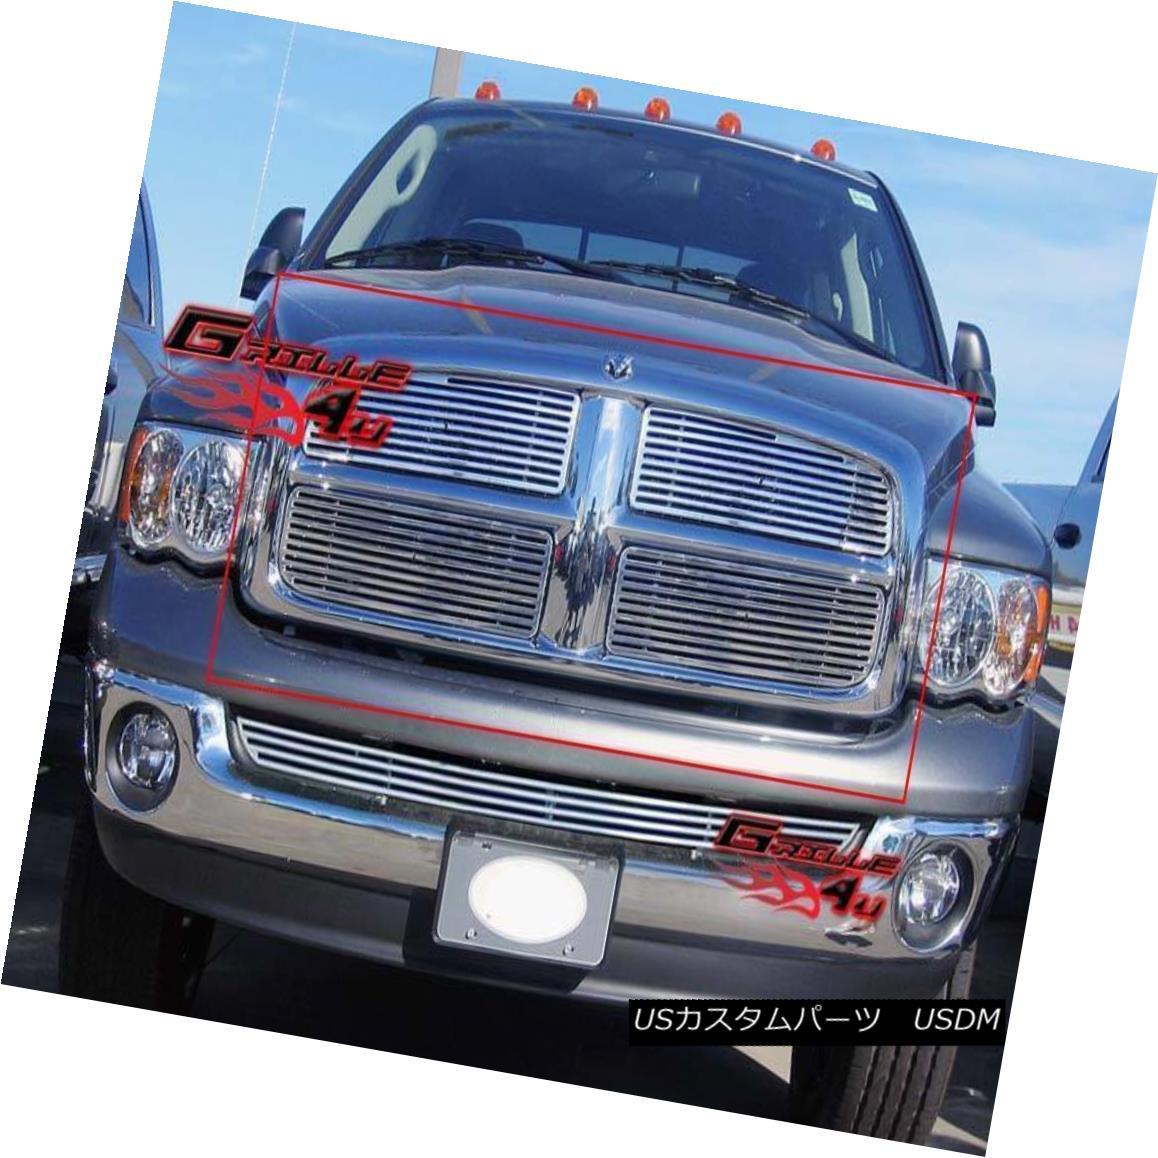 グリル For 02-05 Dodge Ram Perimeter Grille Insert 02-05 Dodge Ramペリメーターグリルインサート